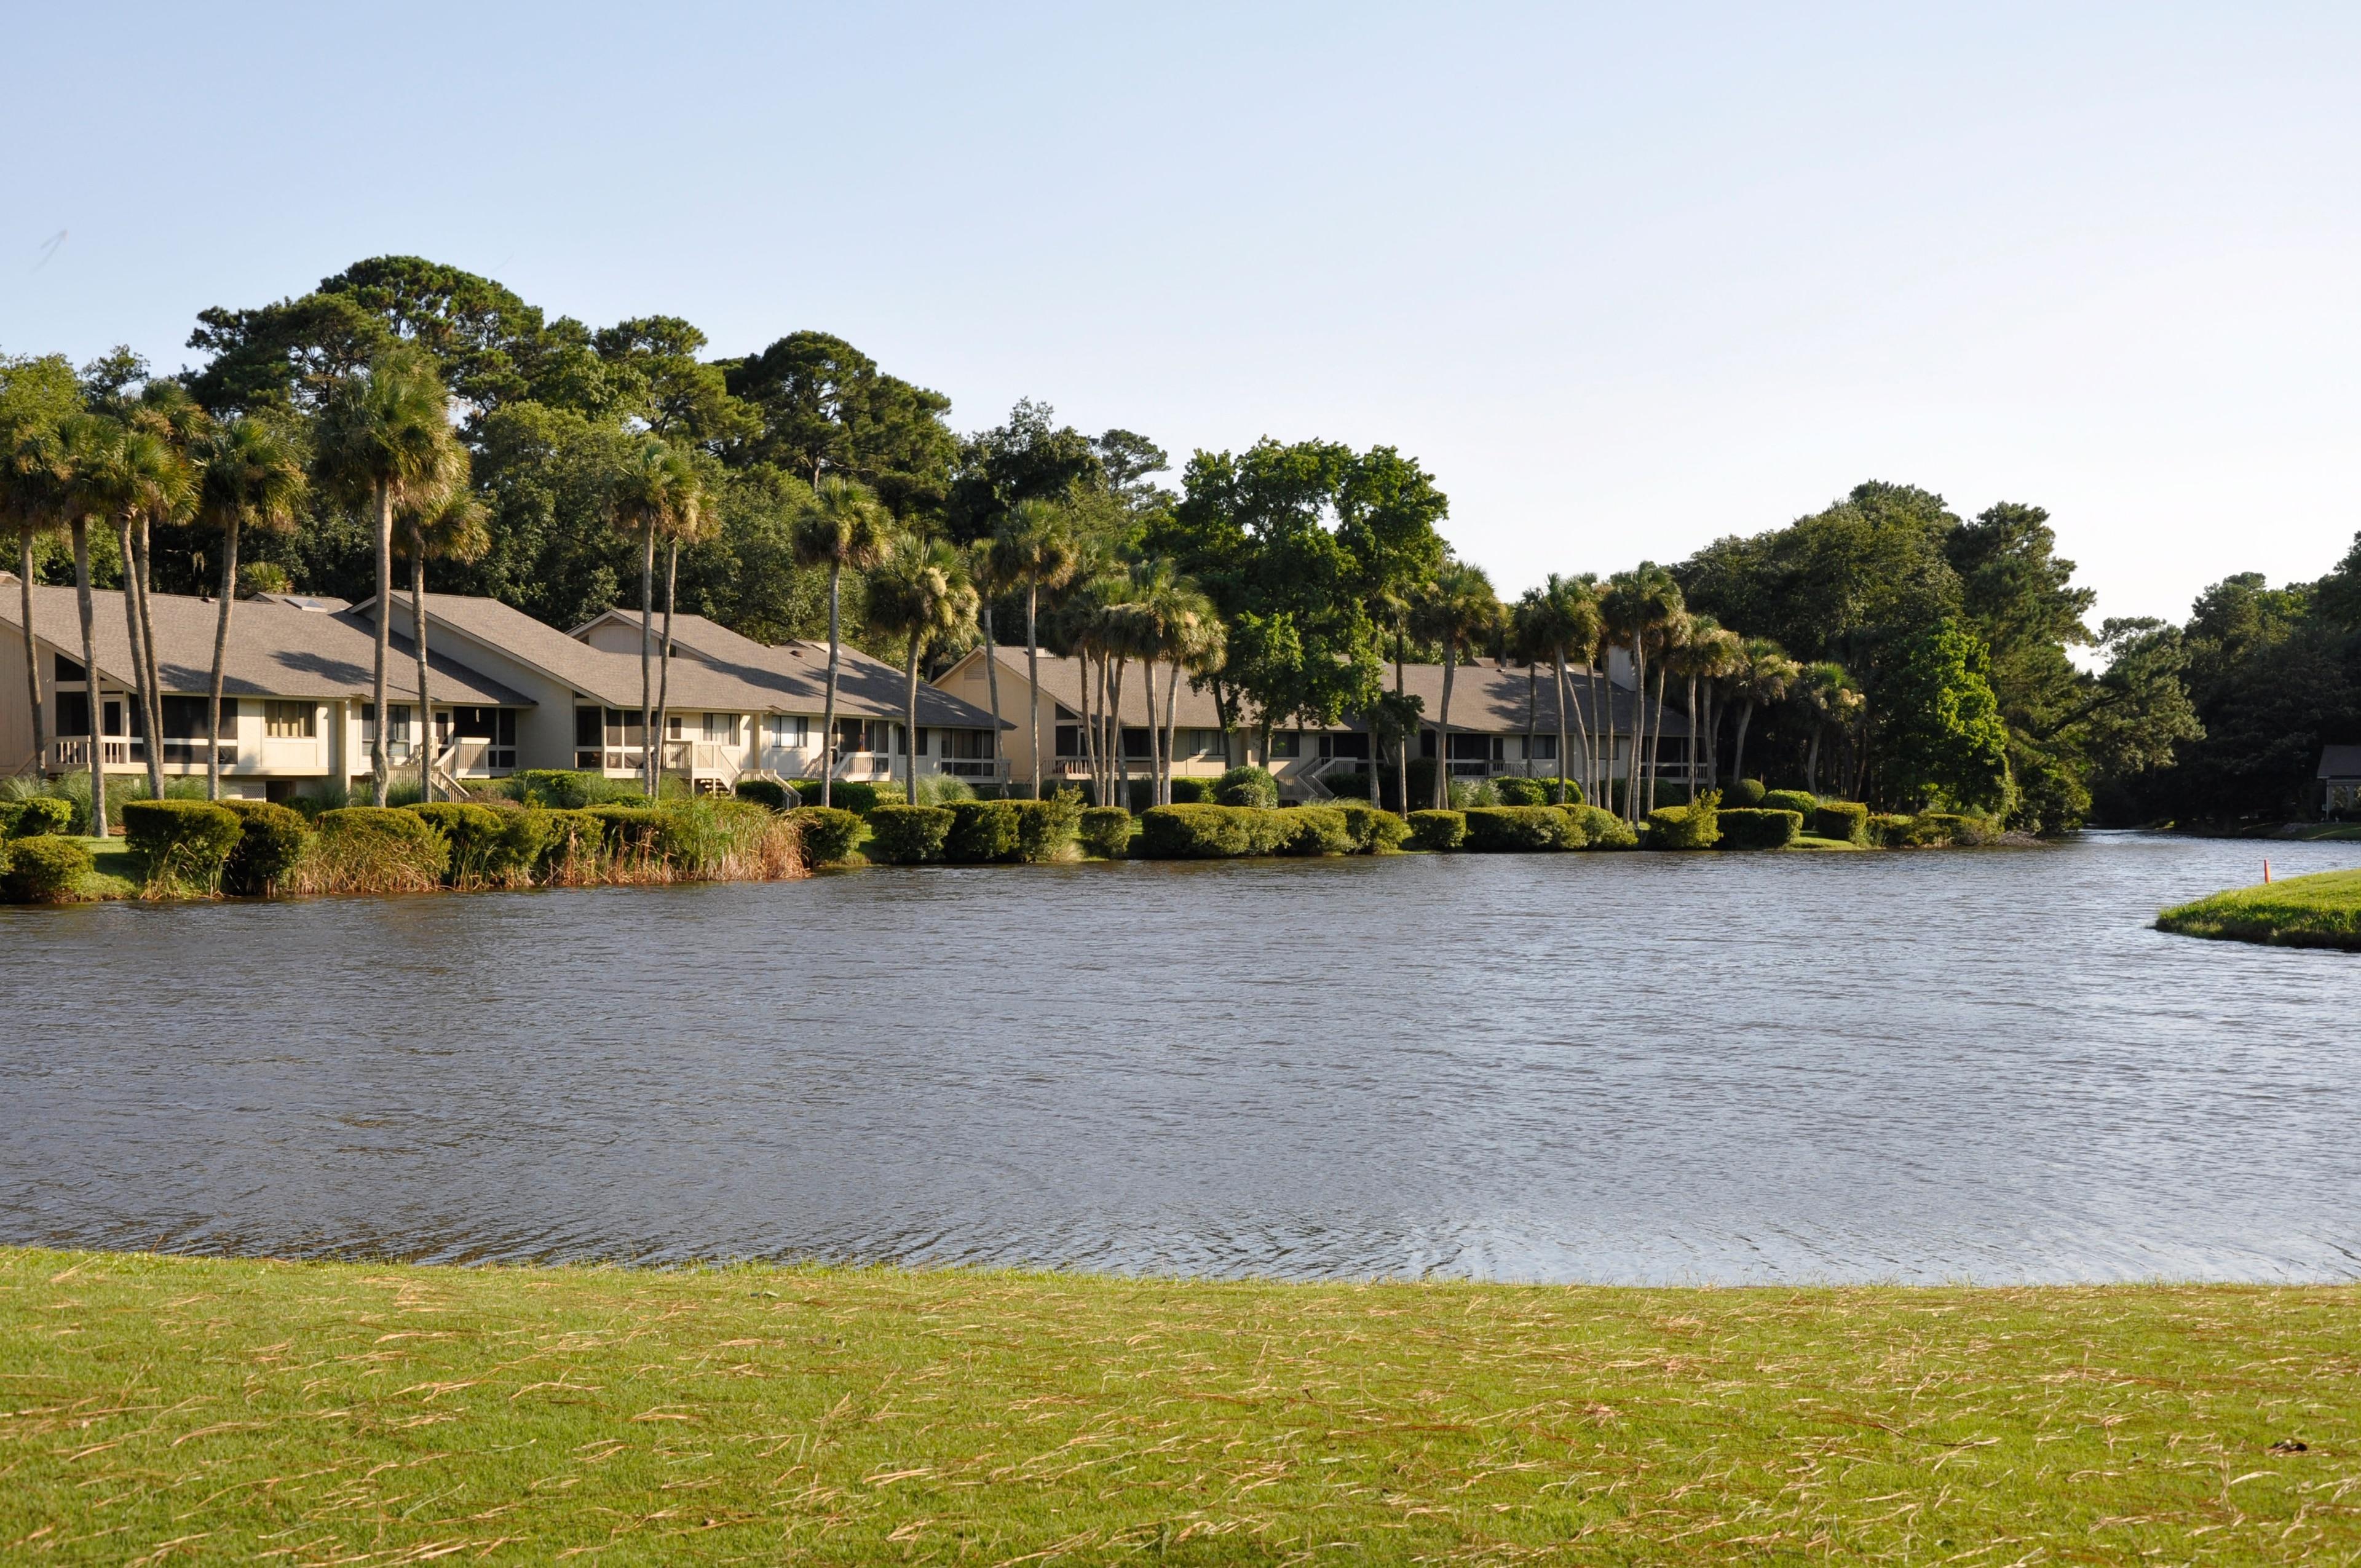 Sea Pines, Hilton Head Island, South Carolina, United States of America